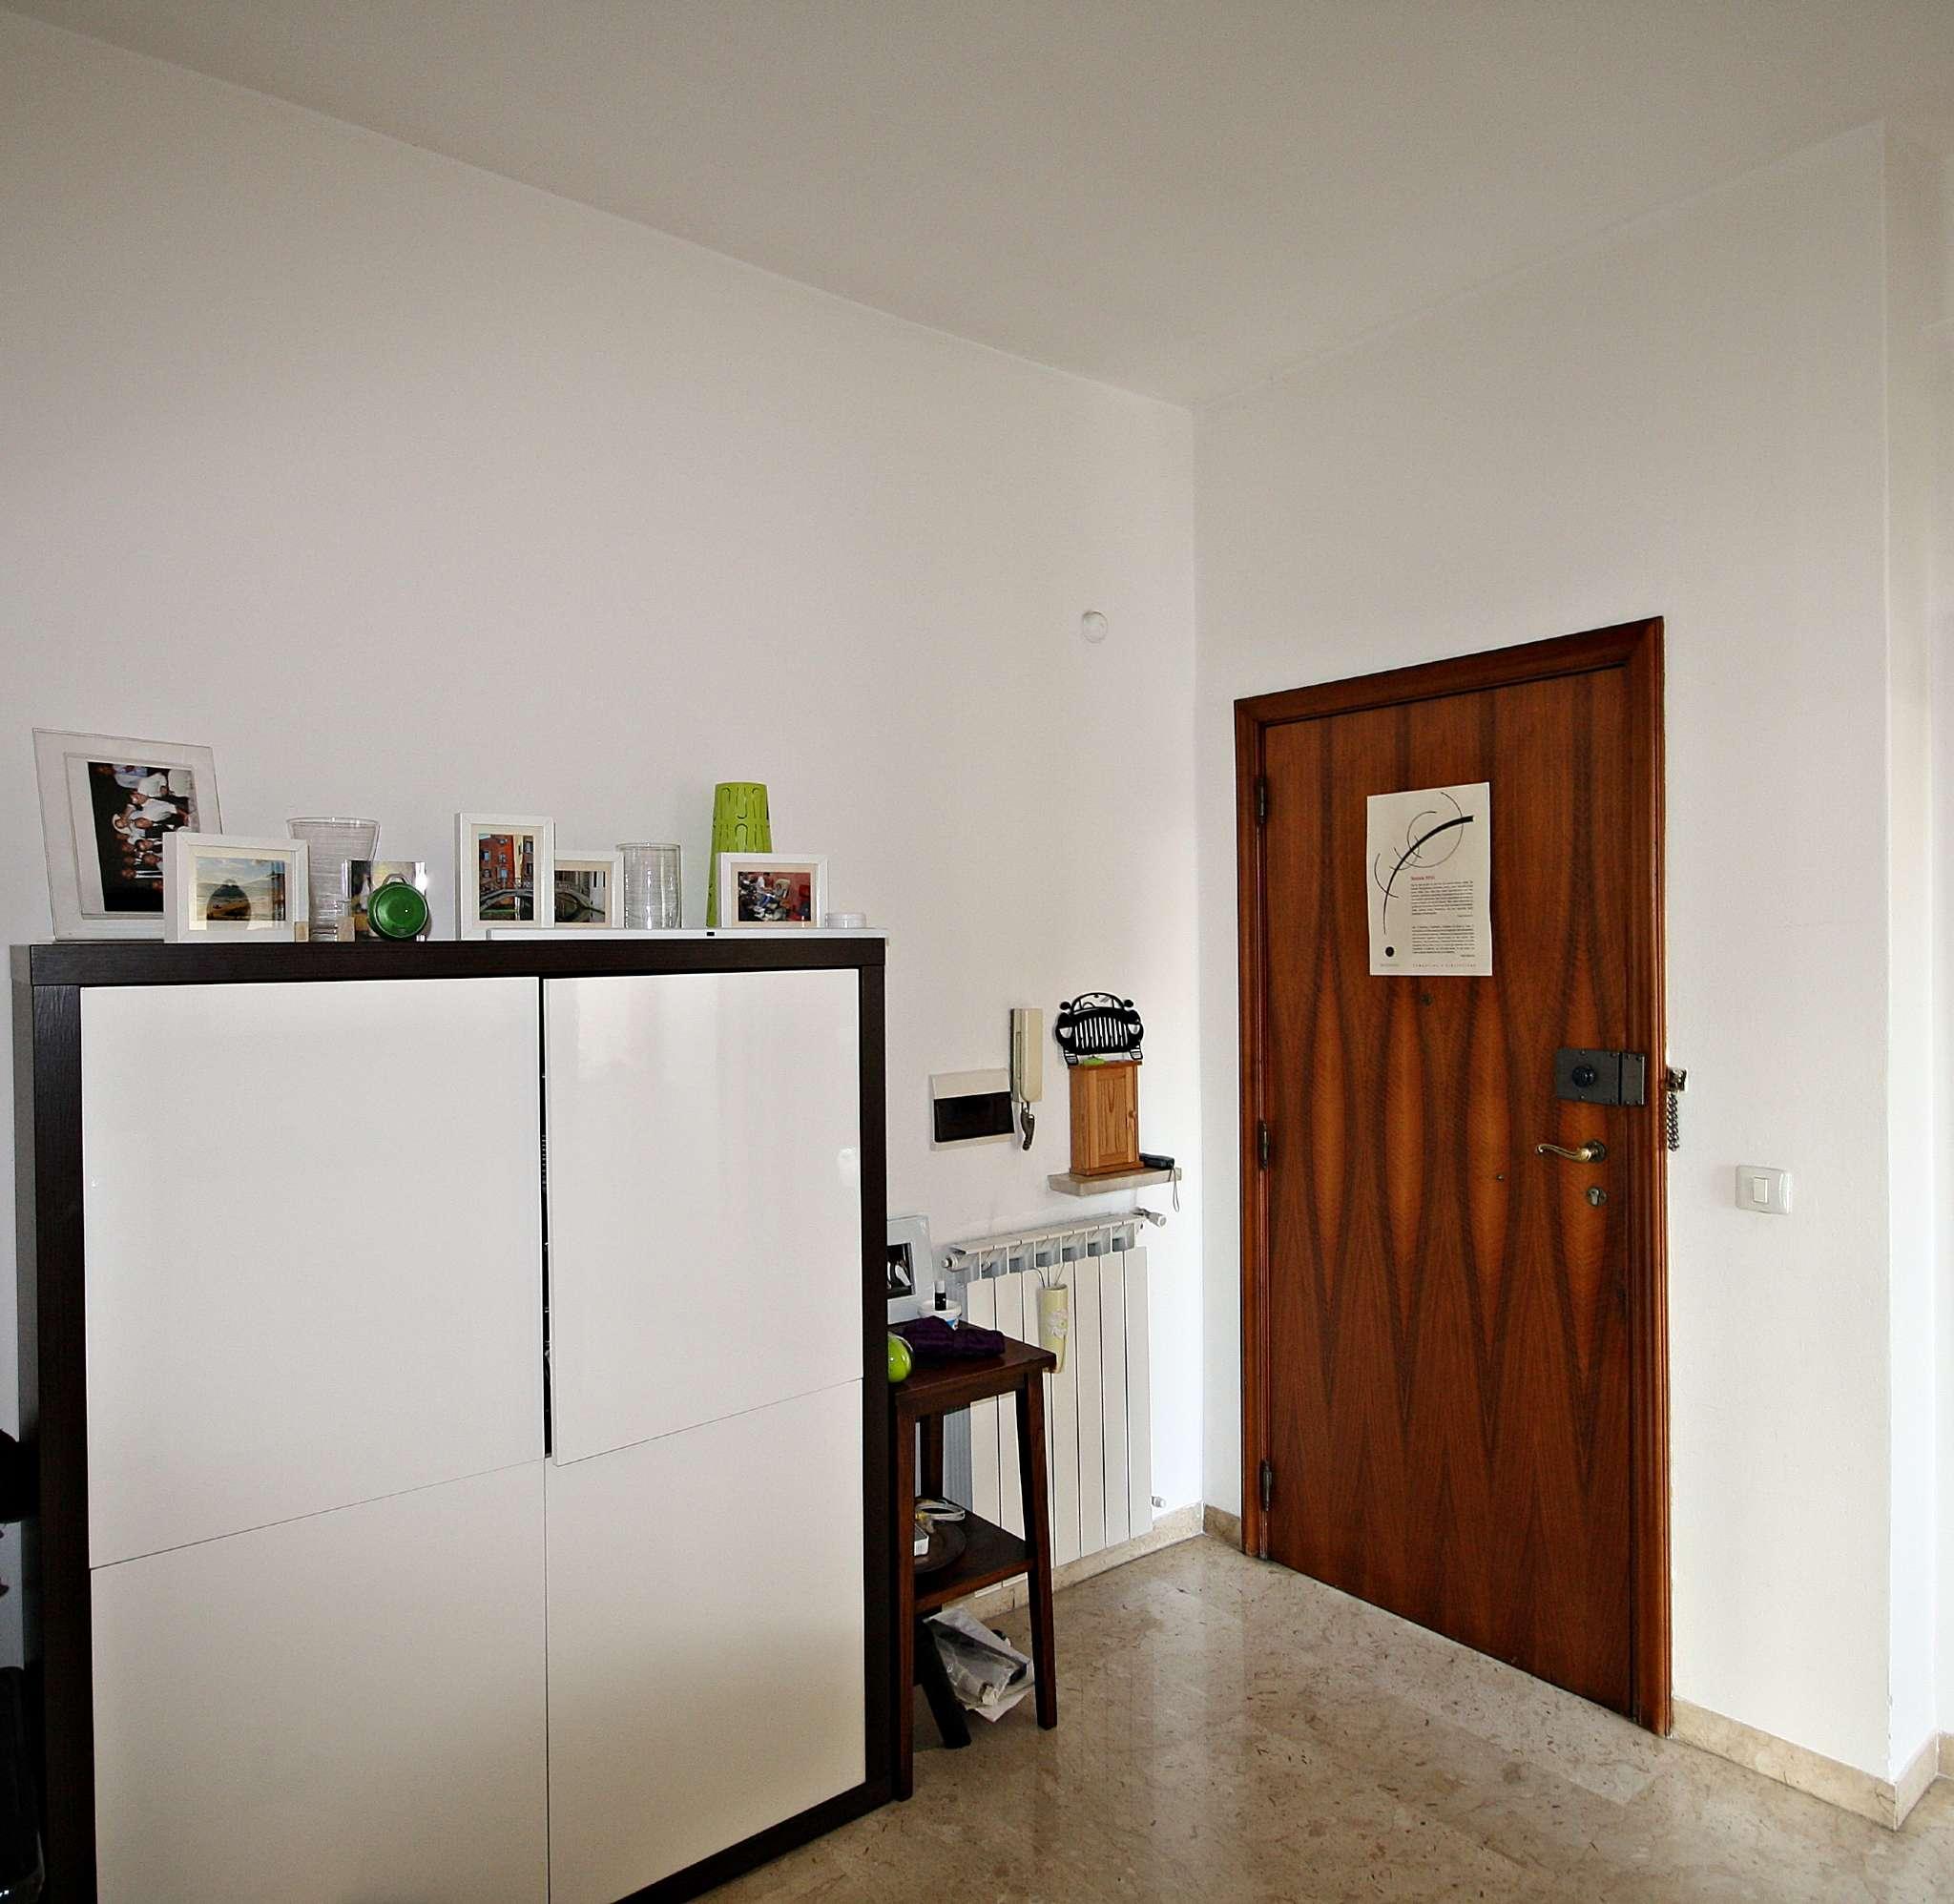 Appartamento in vendita a Chiavari, 5 locali, prezzo € 198.000 | CambioCasa.it